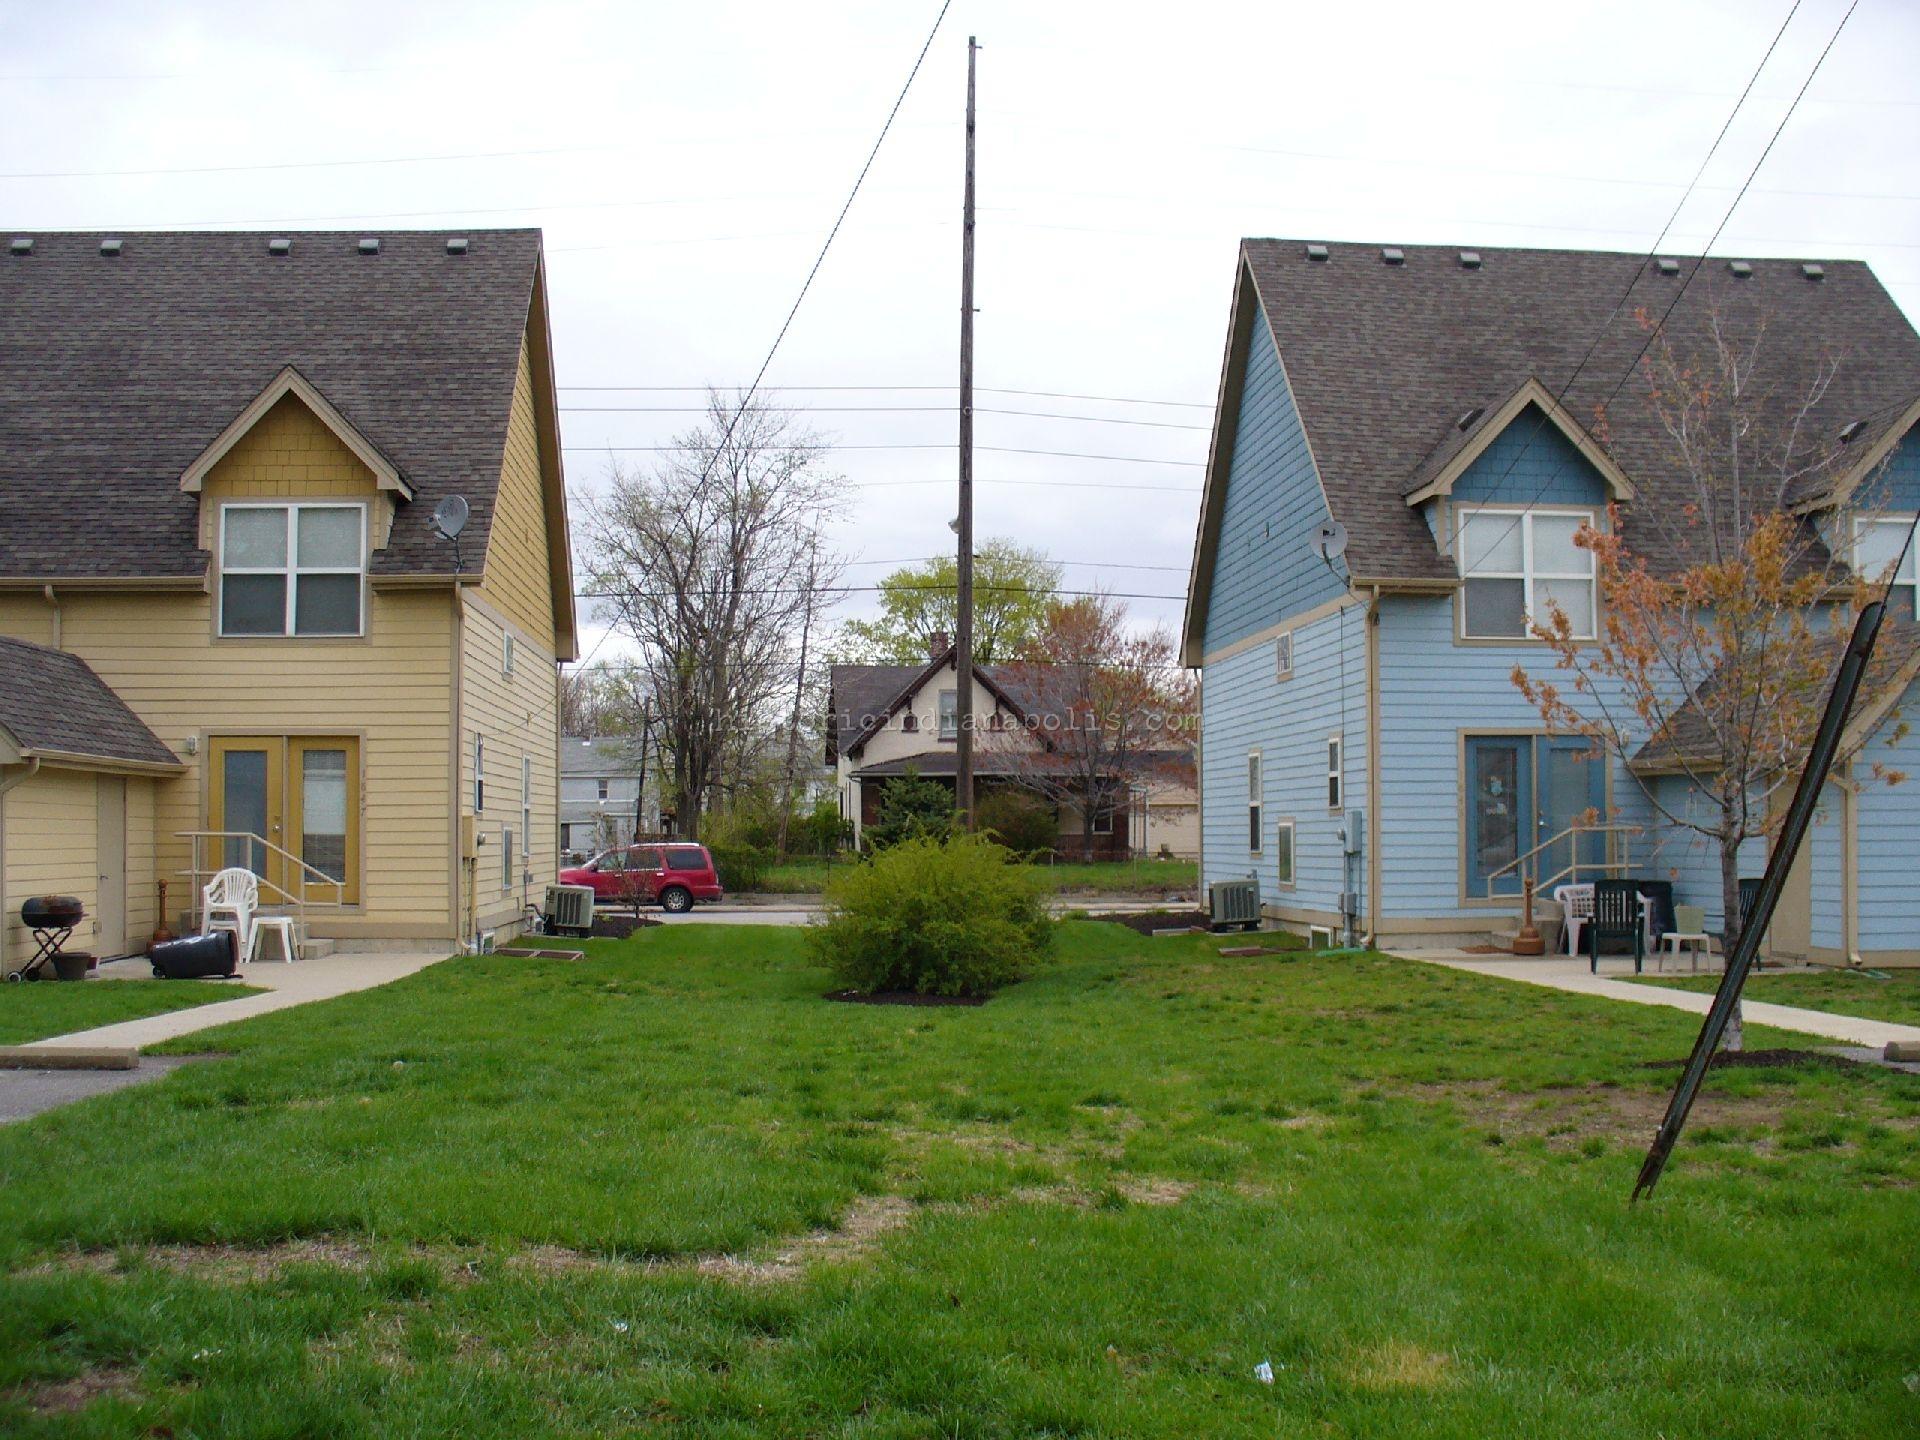 WTH Weds: Arbitrary Density